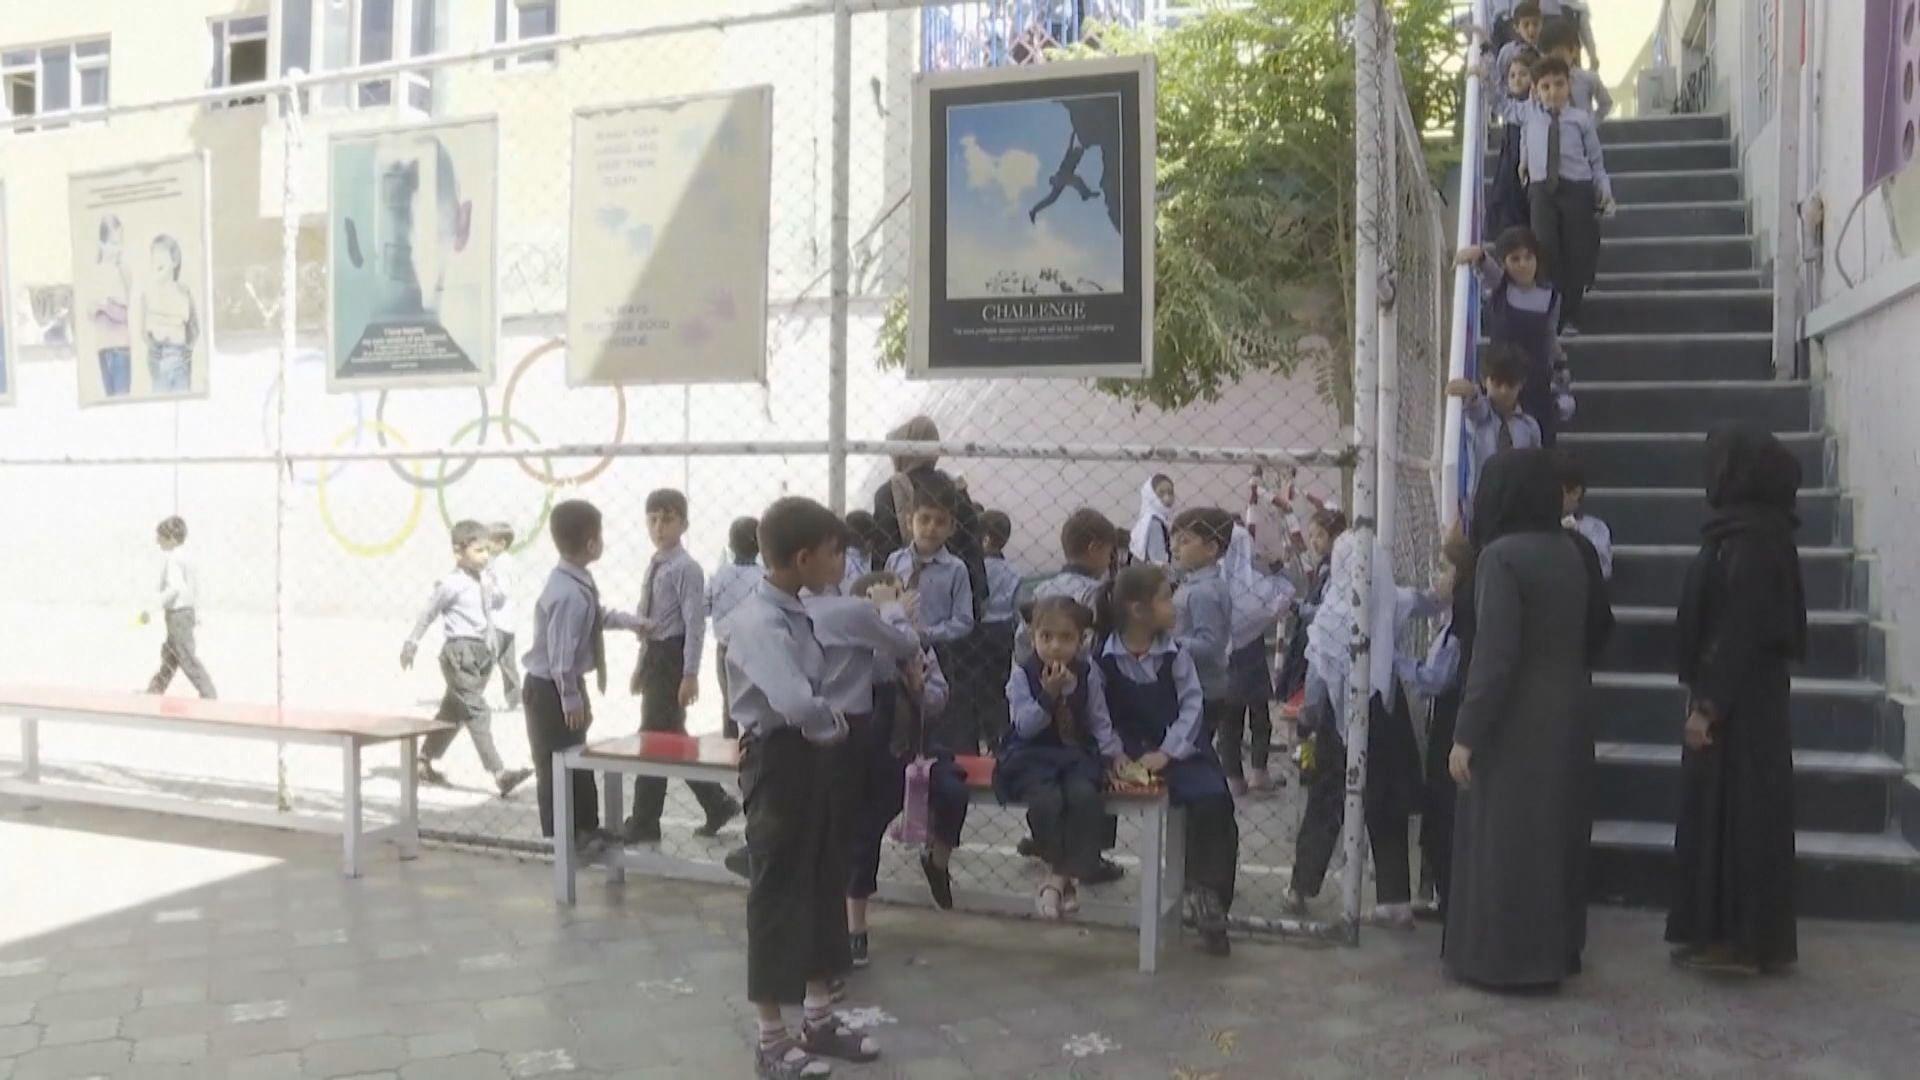 塔利班被質疑想禁止女性接受小學以上教育